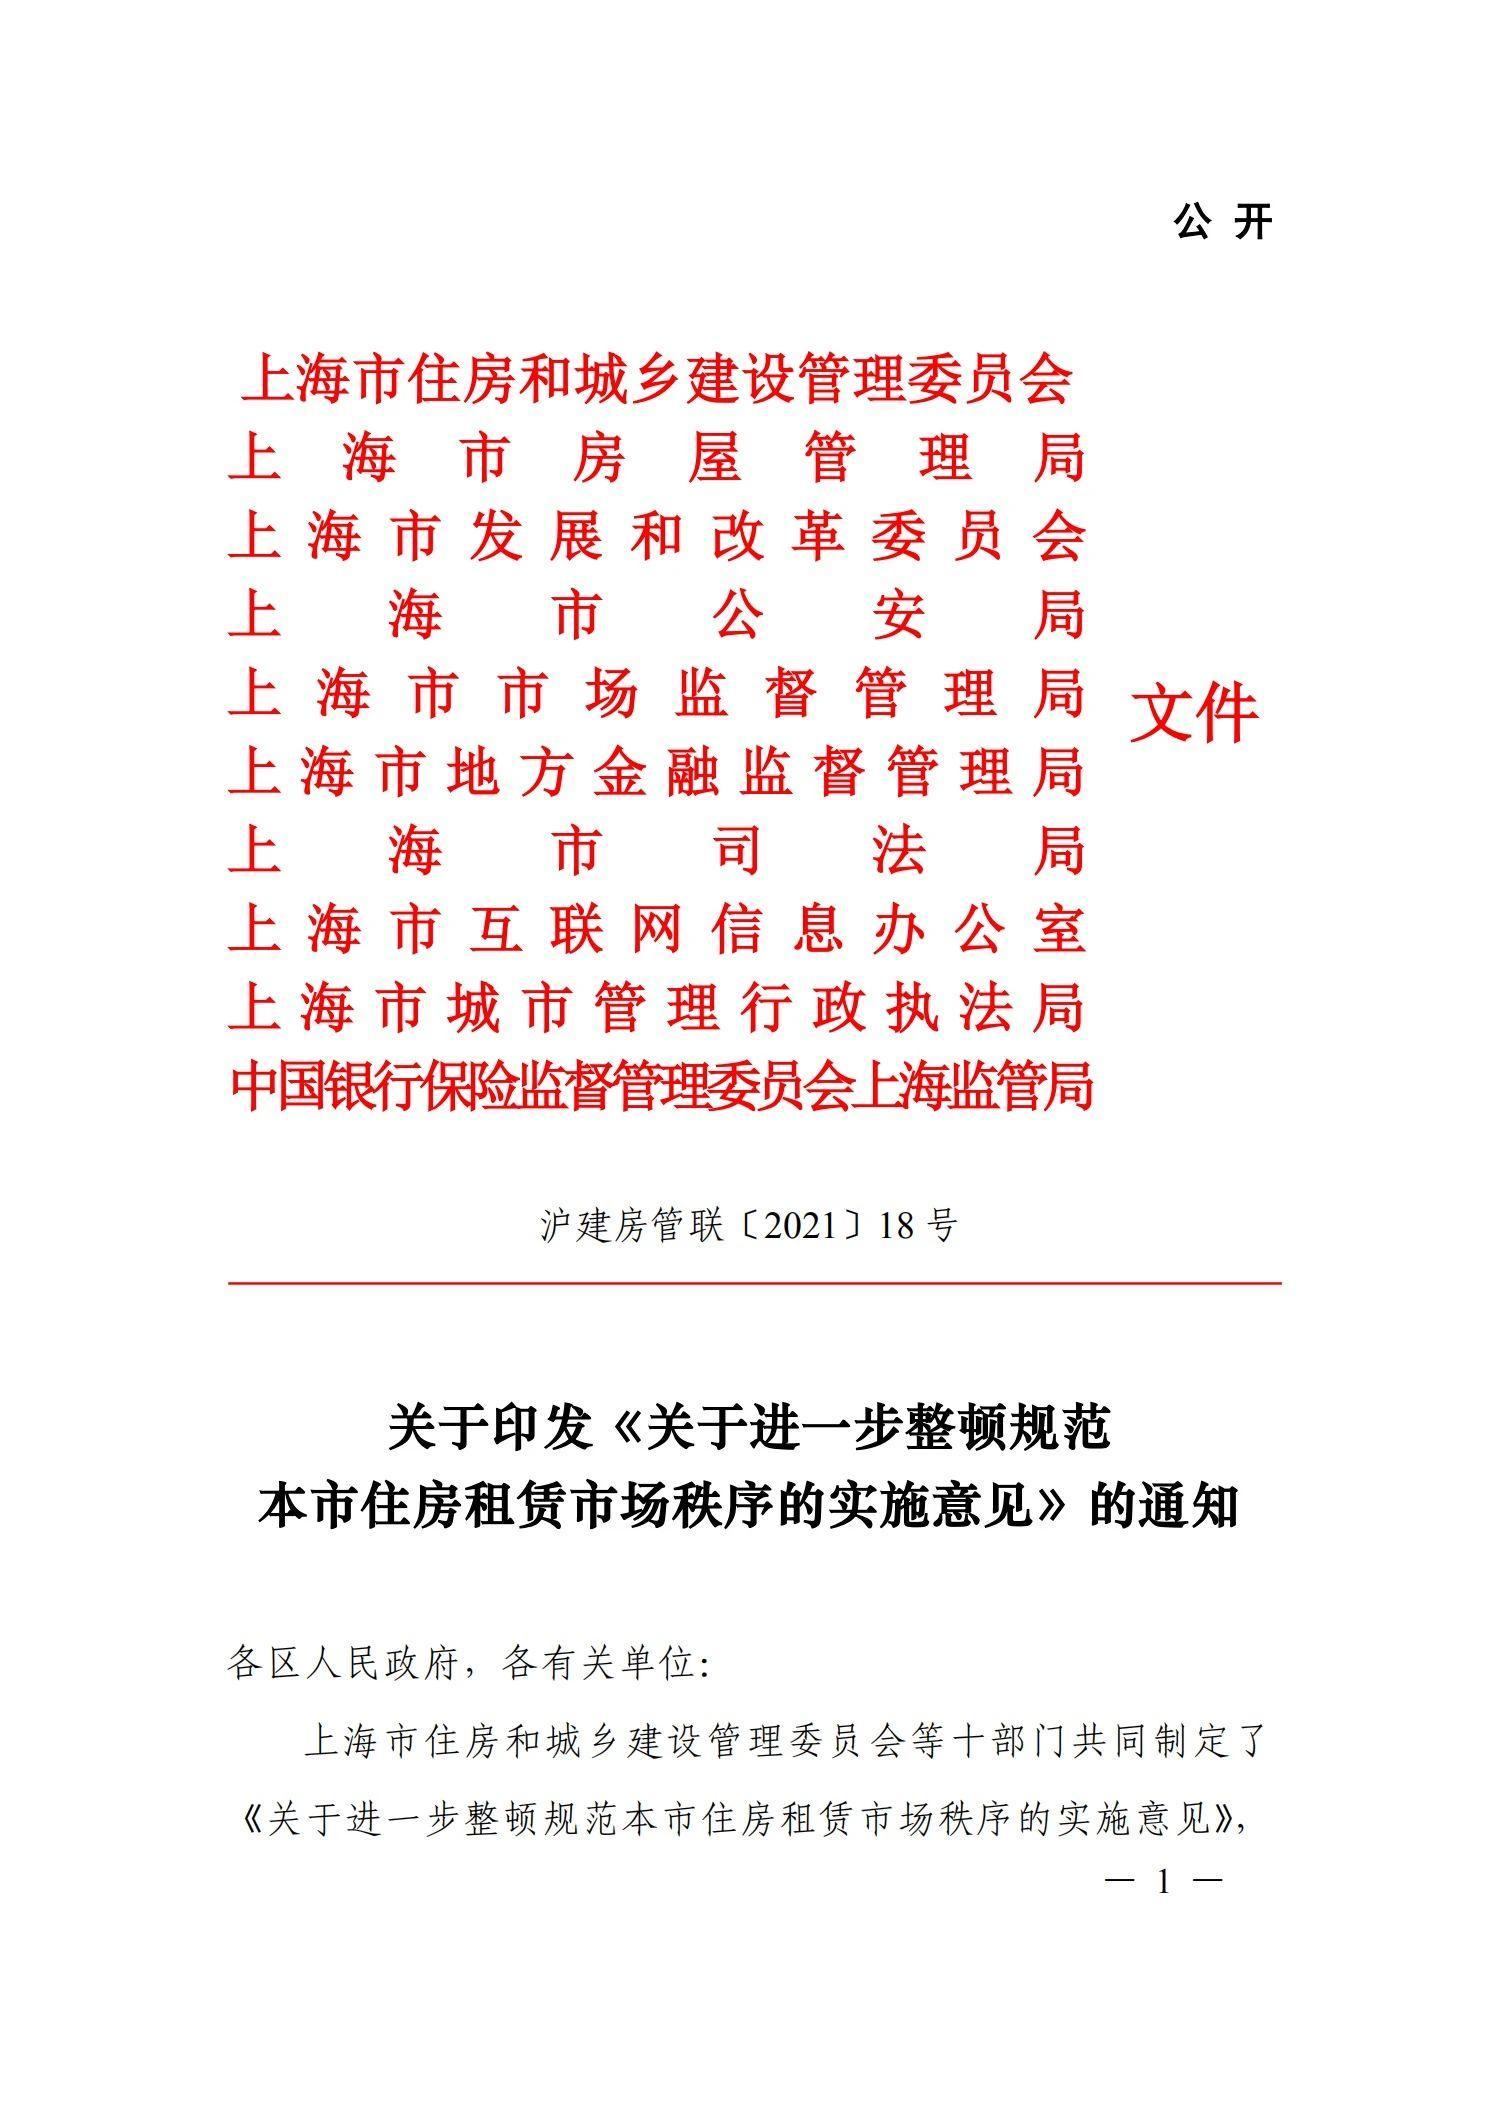 上海:严格控制租房贷款业务,禁止股票涨跌